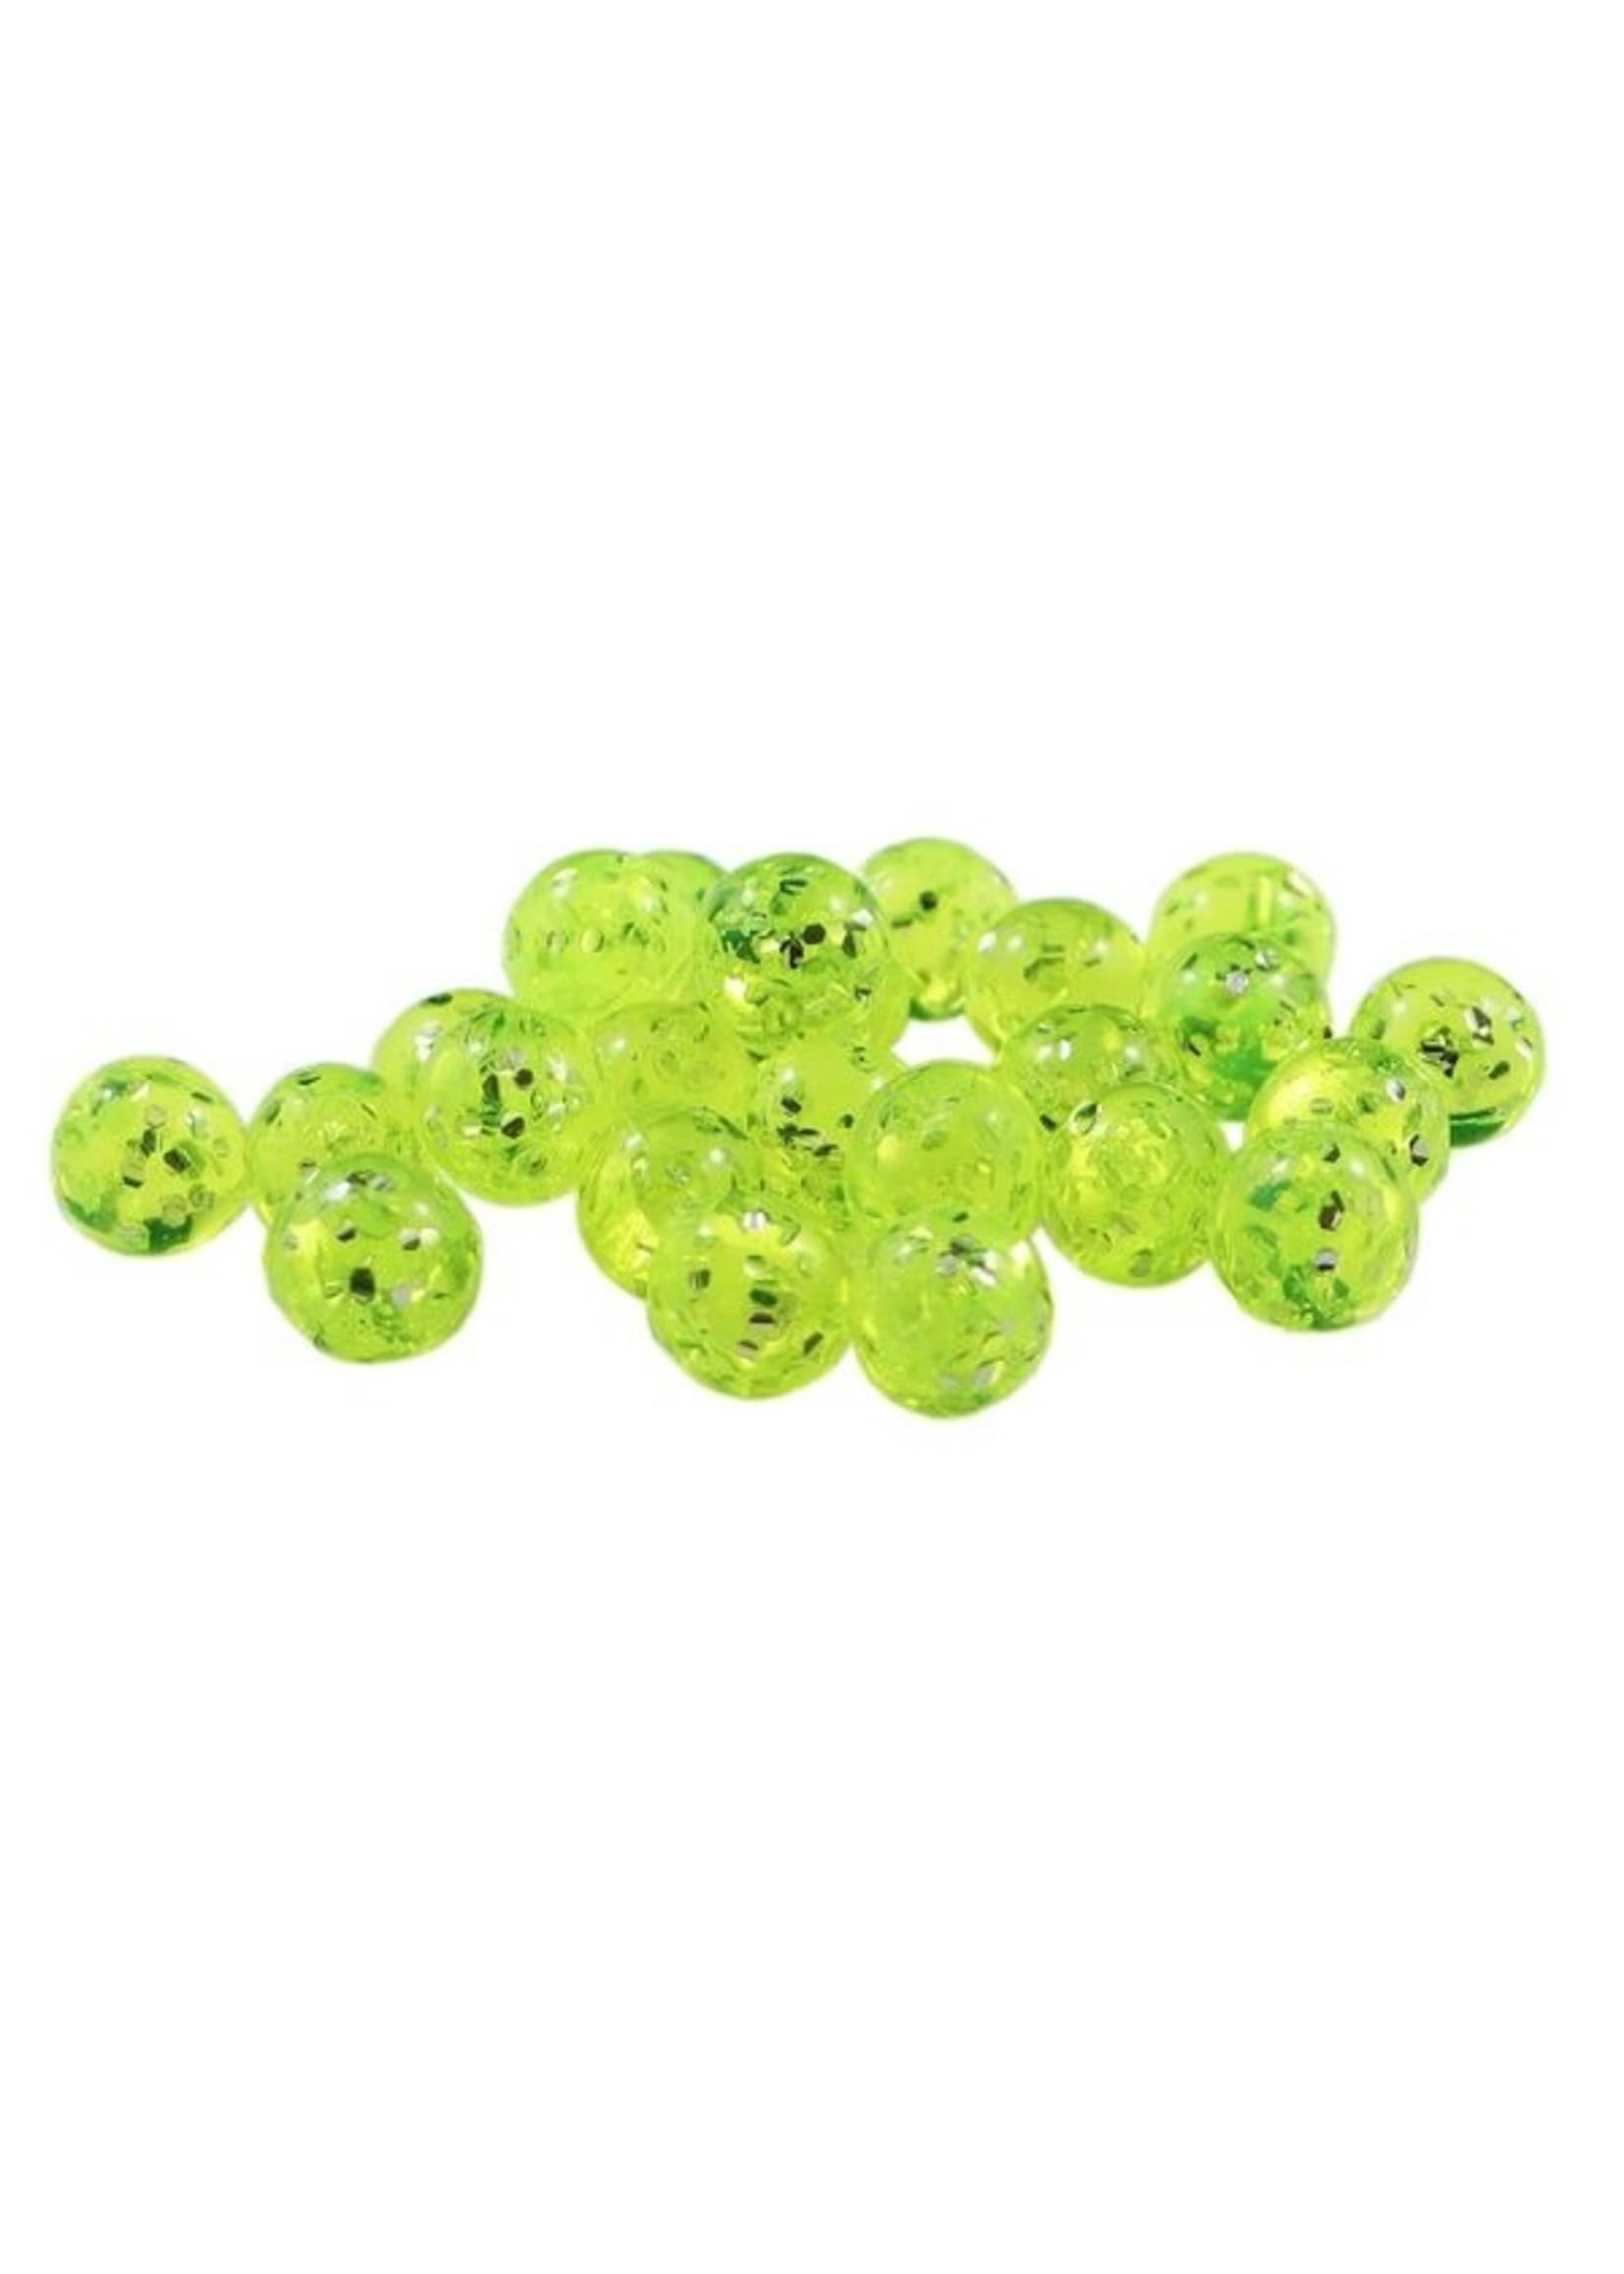 Cleardrift Cleardrift Glitter Bomb Soft Beads Chart 20mm